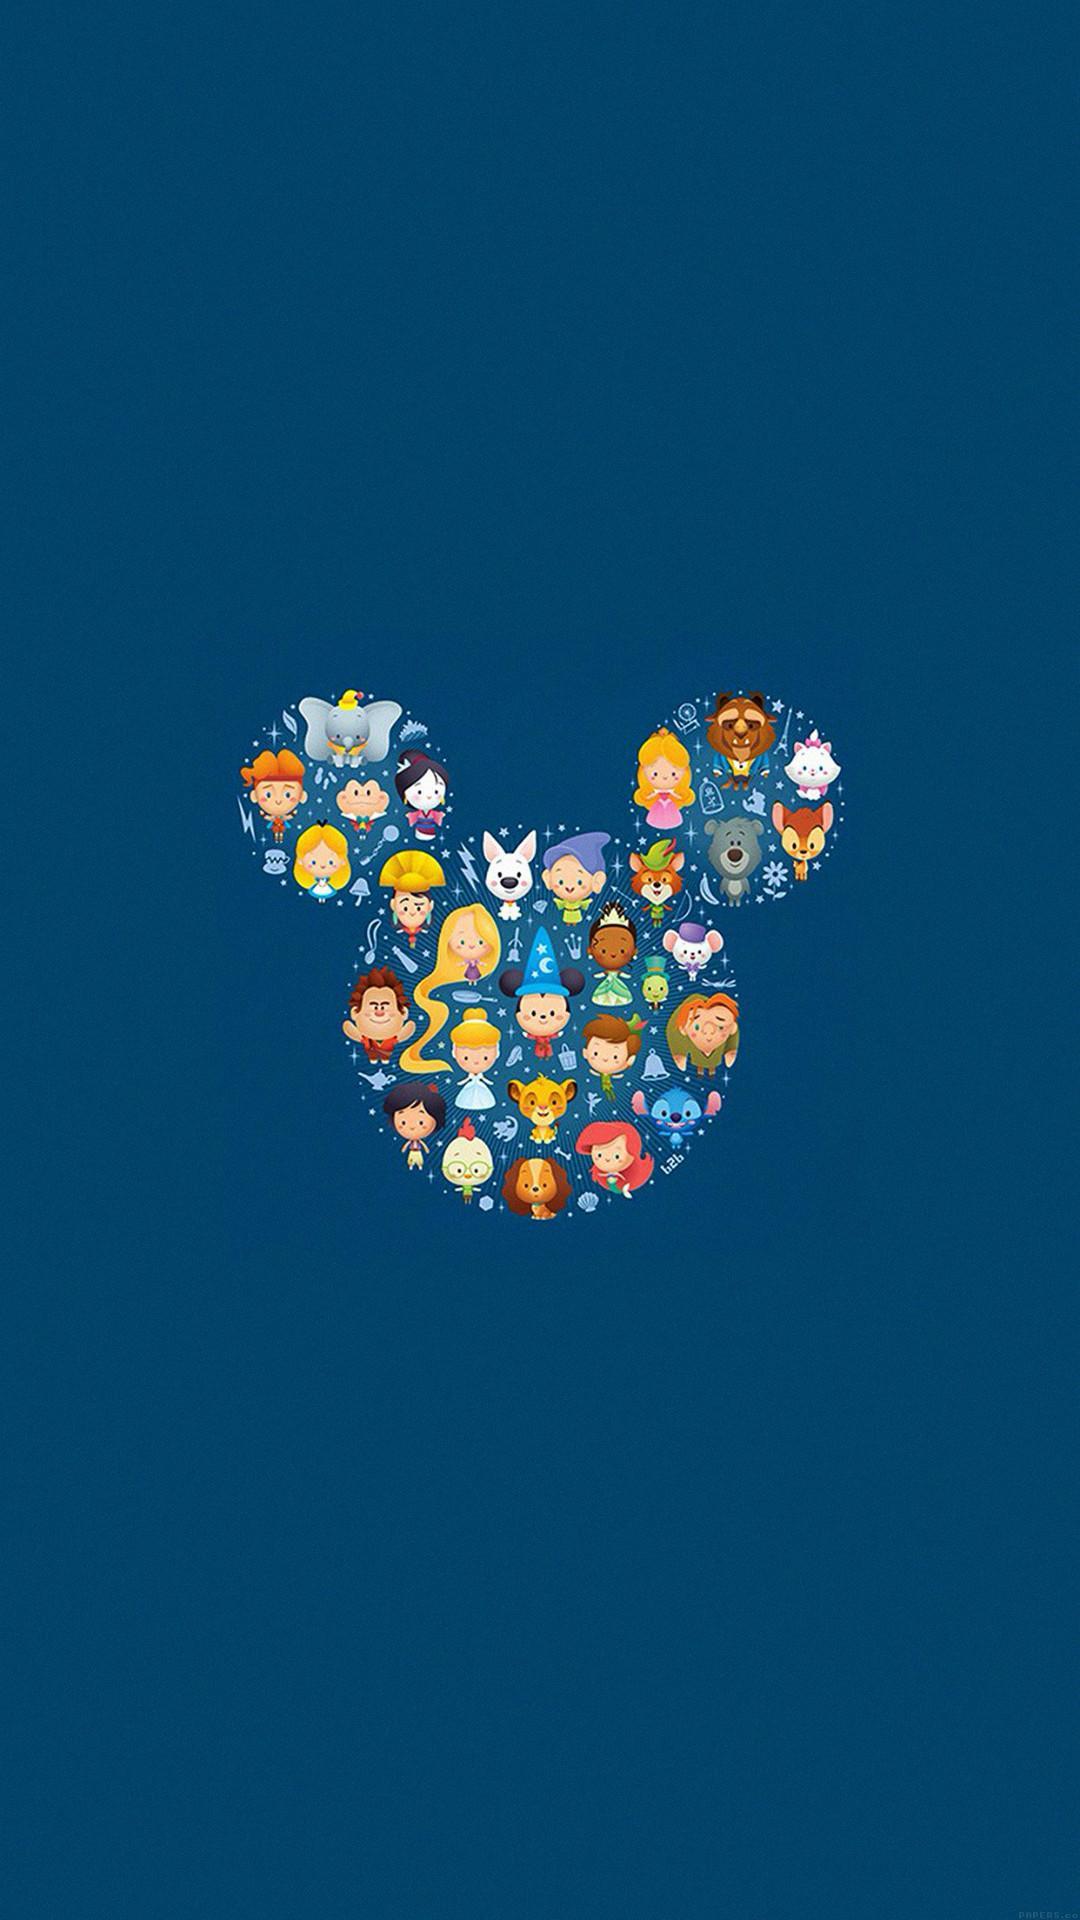 Disney Plus Wallpapers Wallpaper Cave